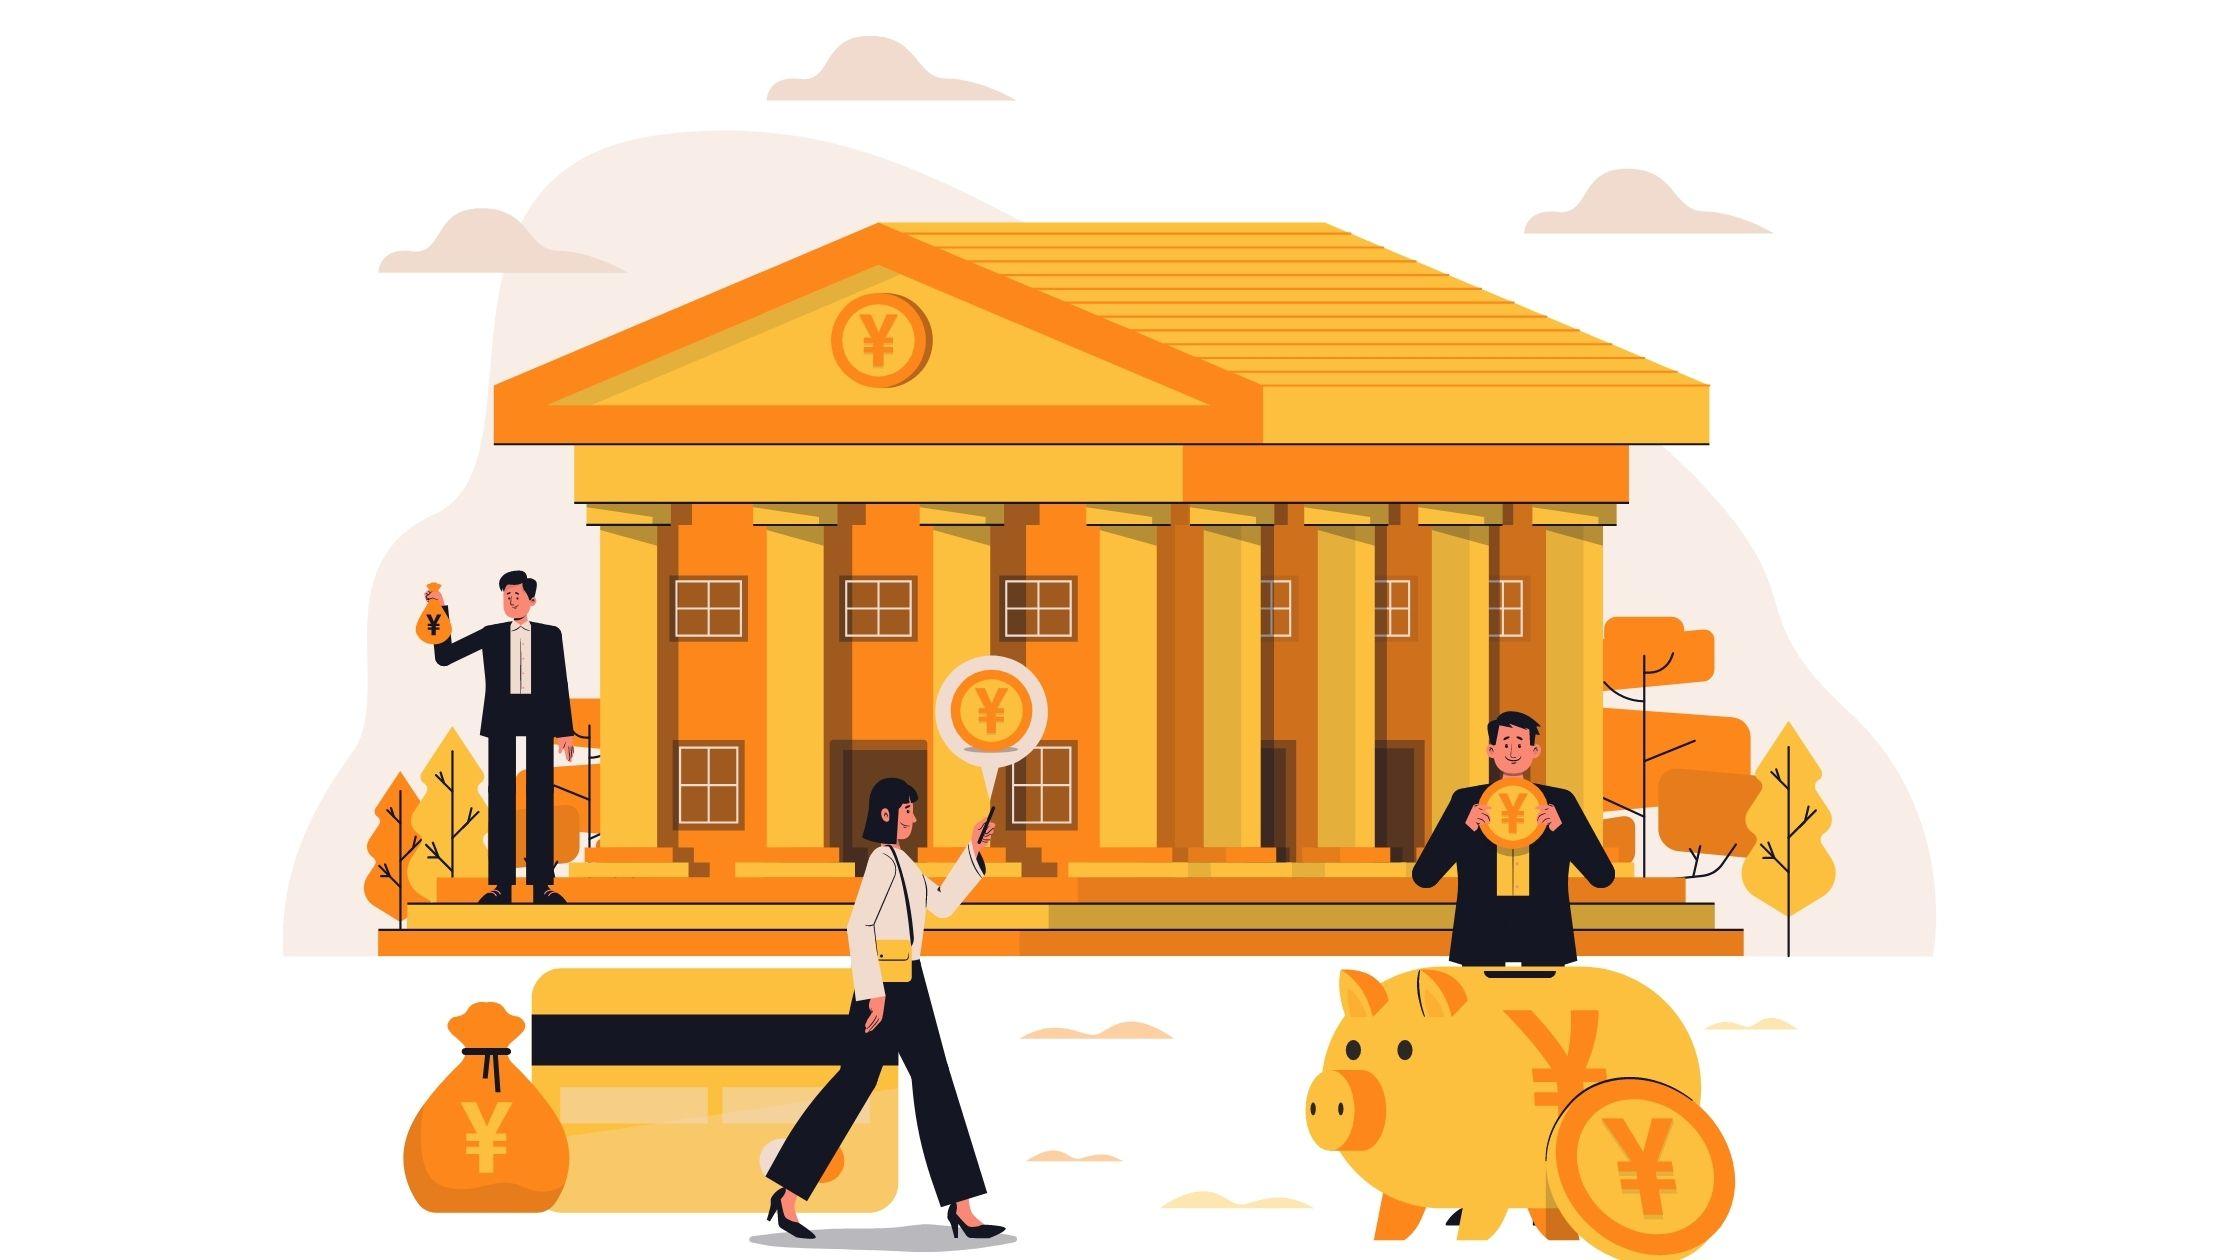 आज बैंक बंद है या खुला 2021